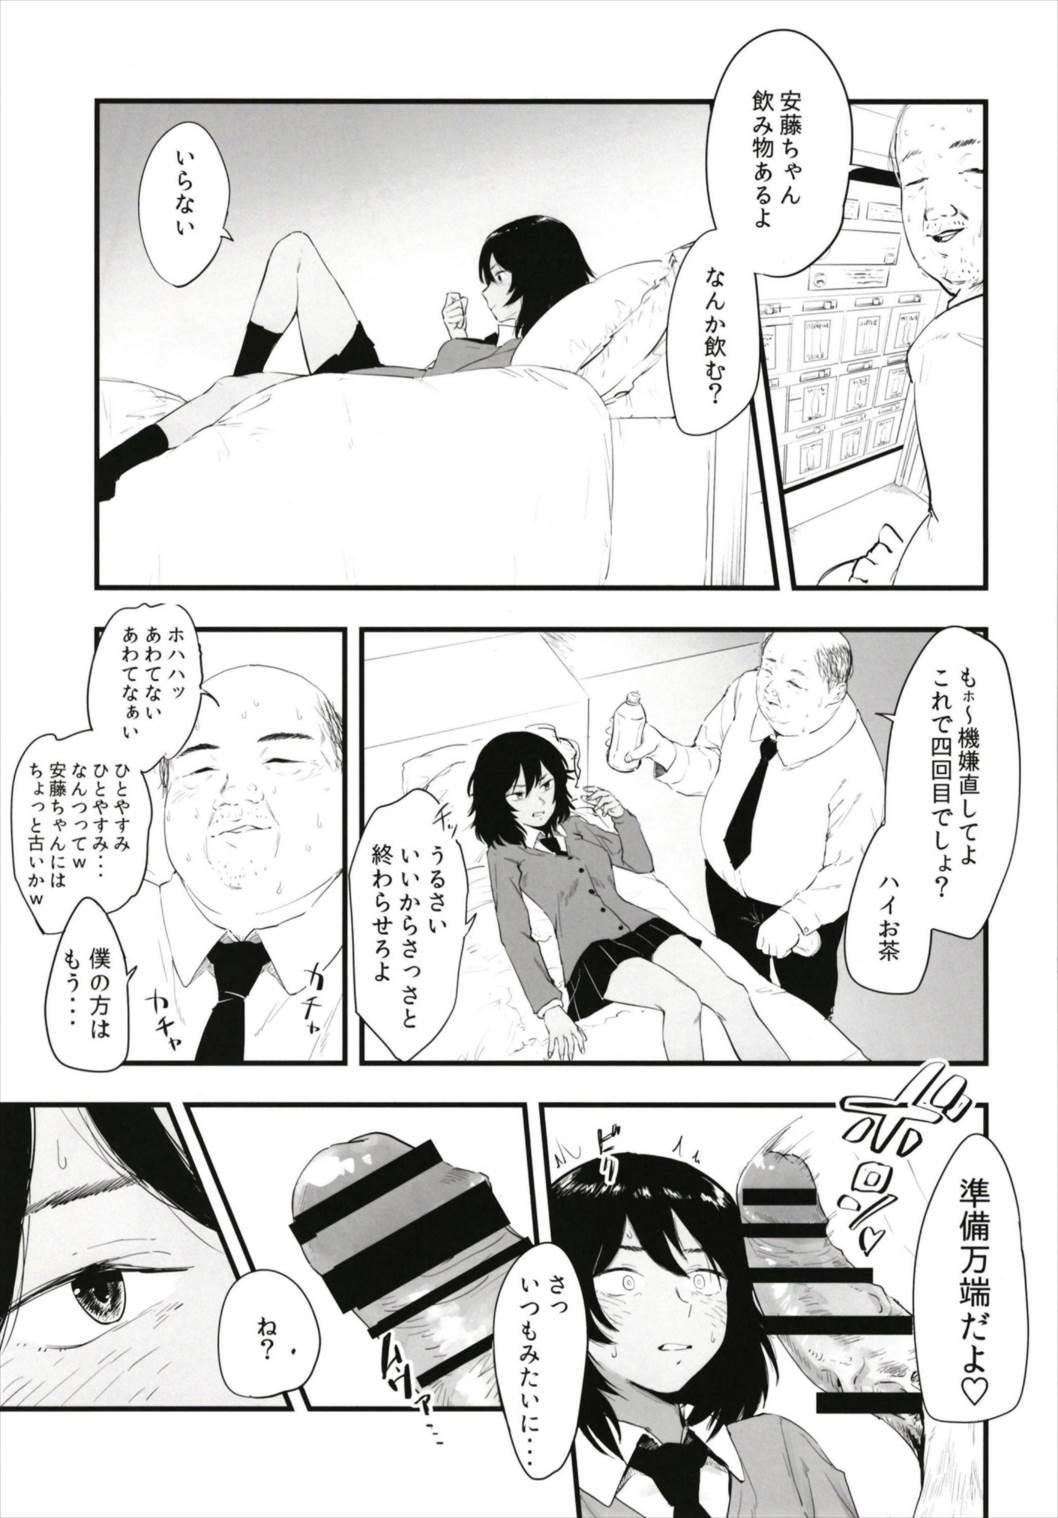 Uto Saori Selection Kono Chara ga Eroi 2